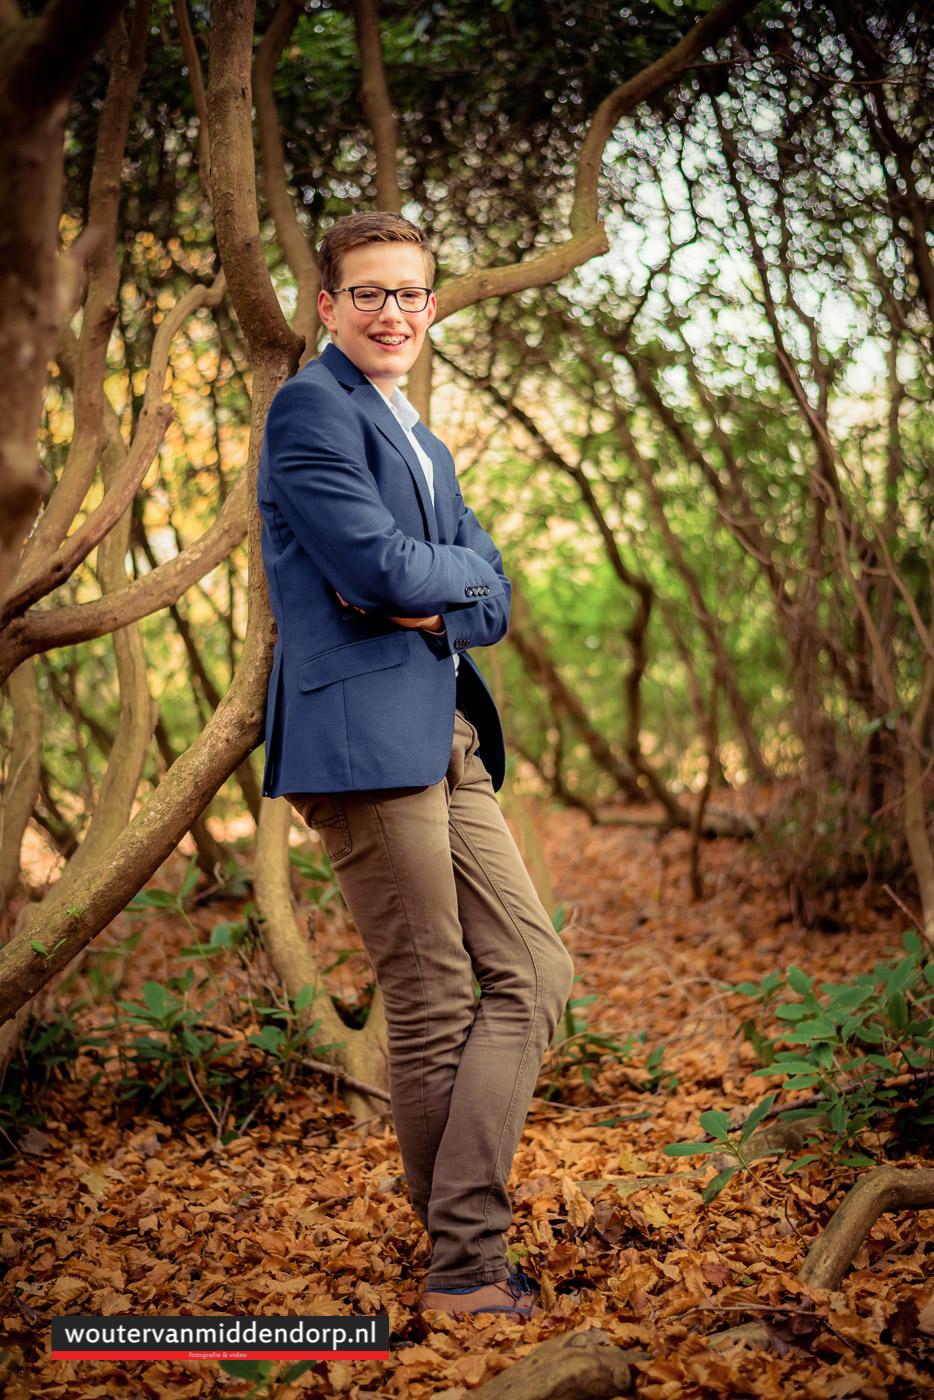 fotograaf Wouter van Middendorp-14